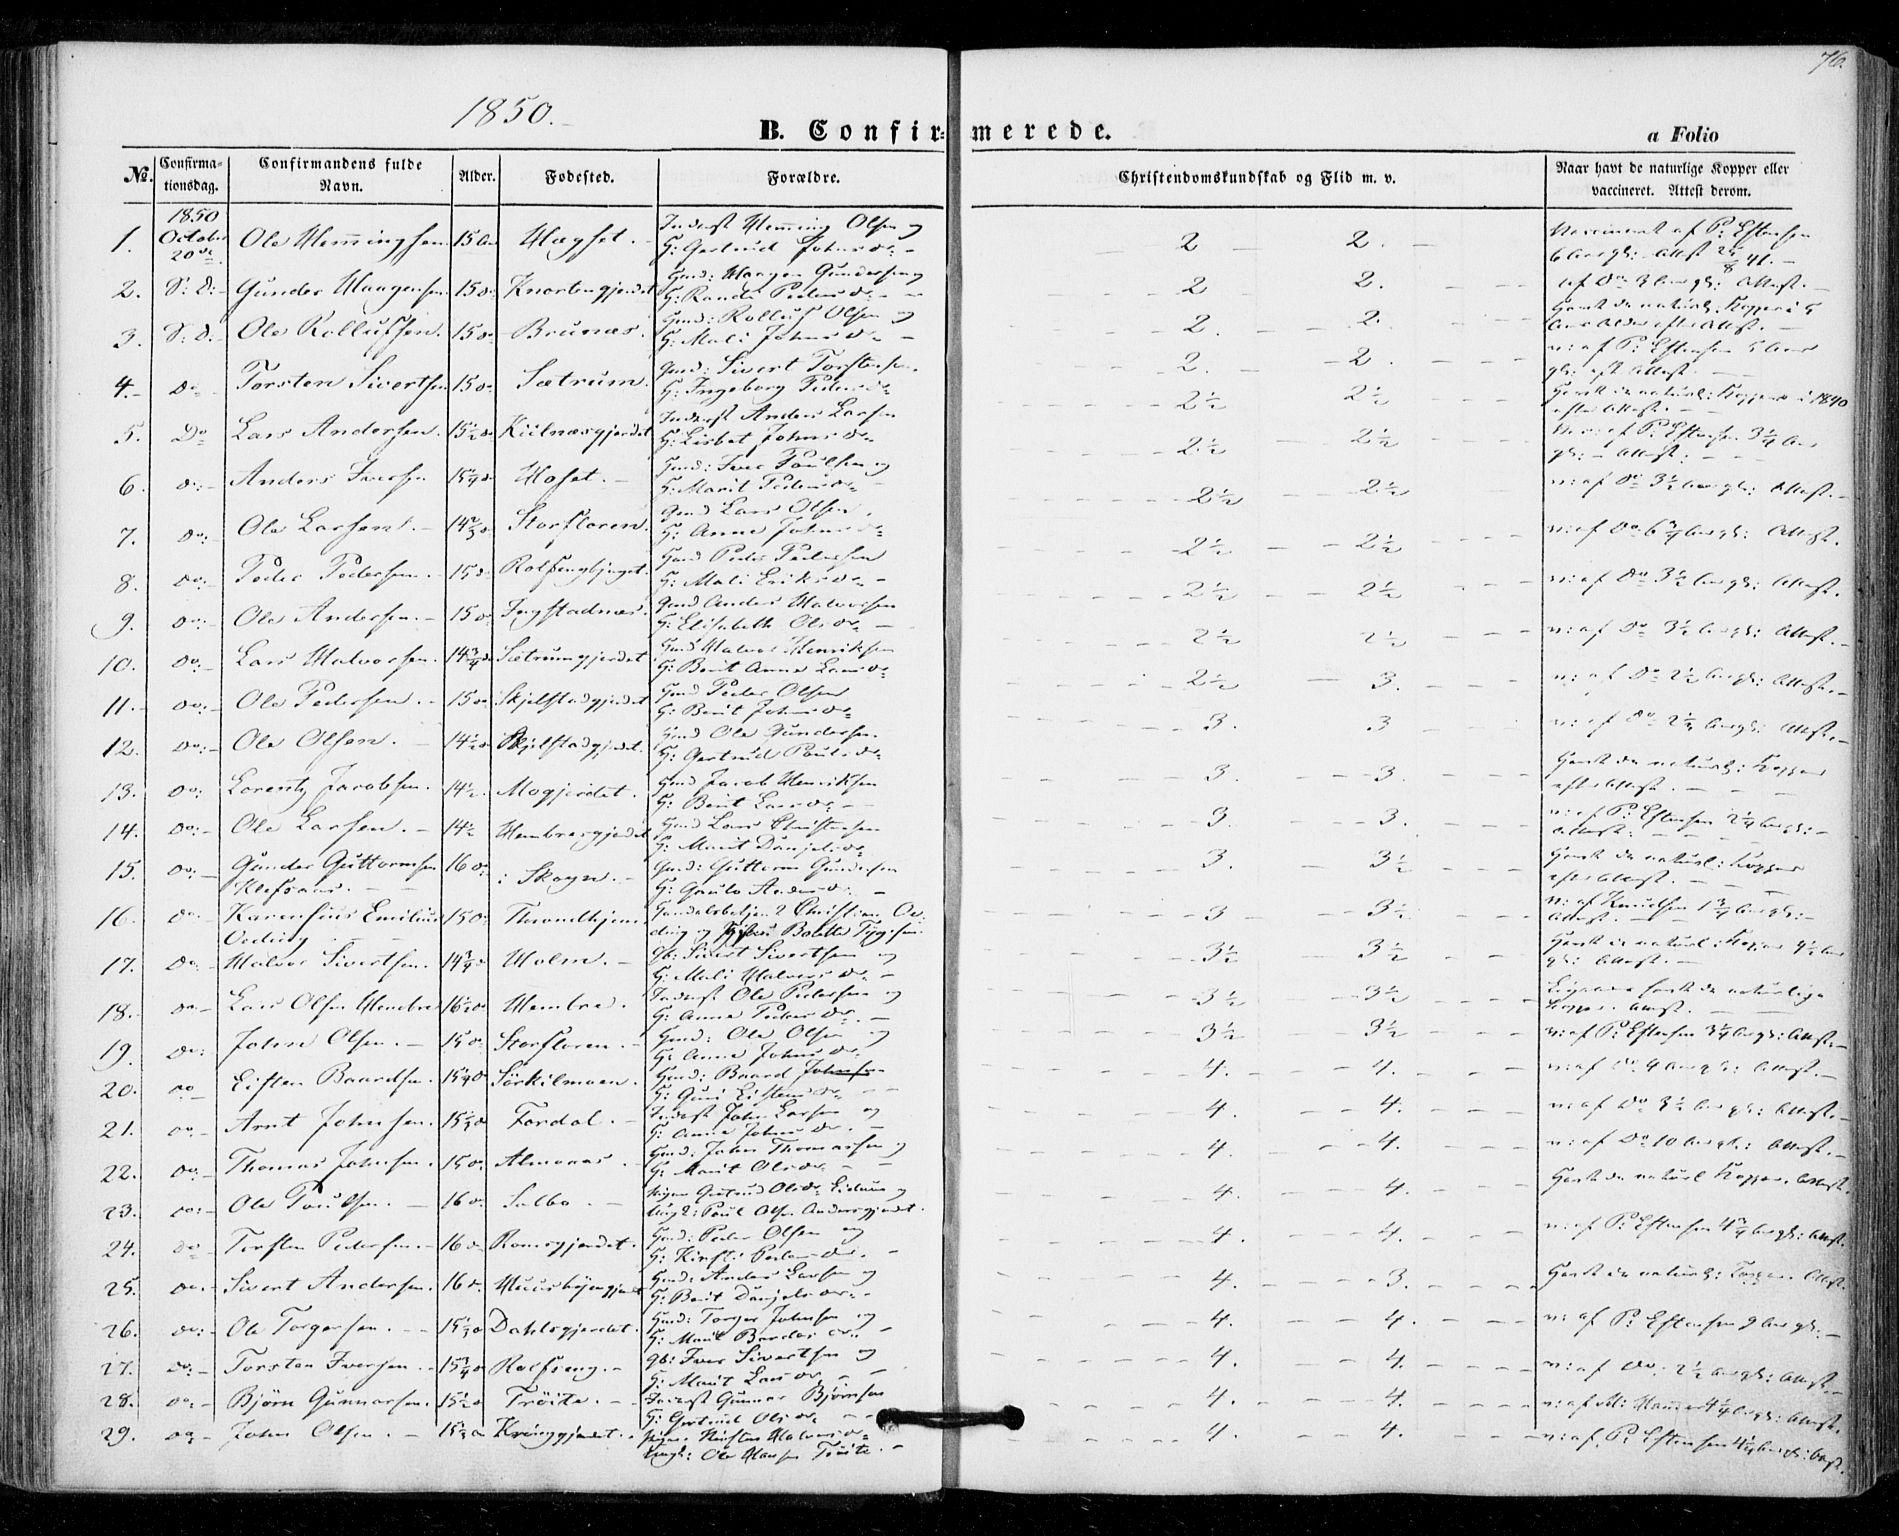 SAT, Ministerialprotokoller, klokkerbøker og fødselsregistre - Nord-Trøndelag, 703/L0028: Parish register (official) no. 703A01, 1850-1862, p. 76